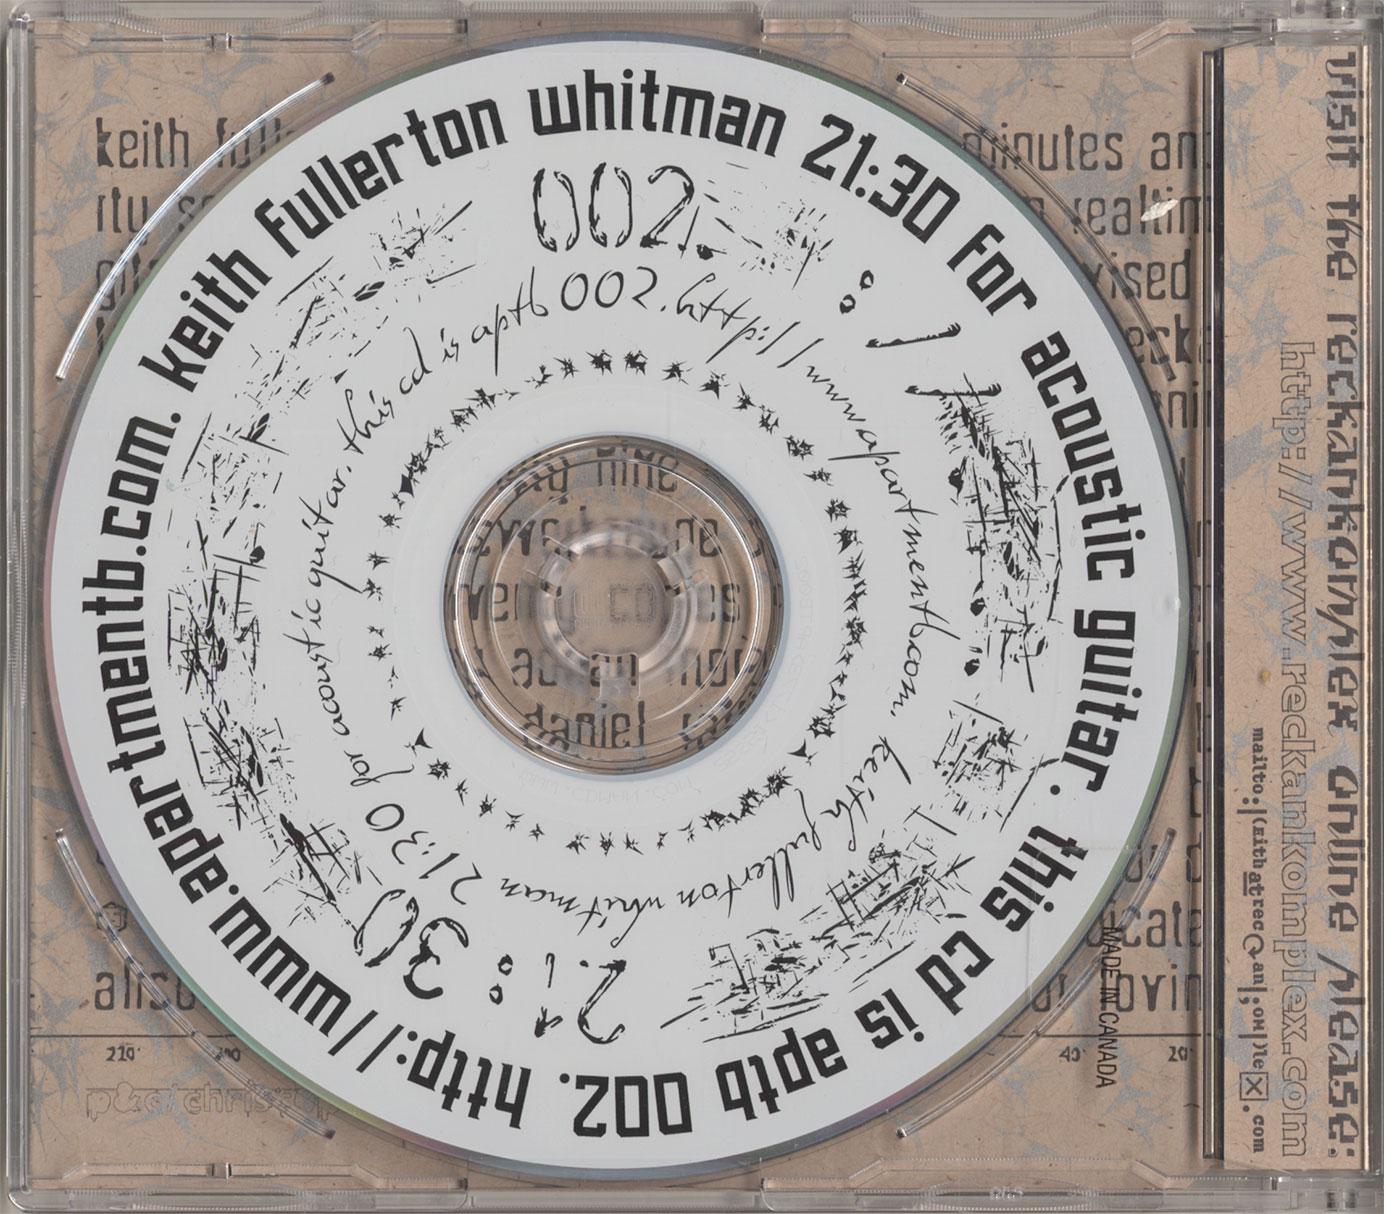 200101.aptb002.b.jpg